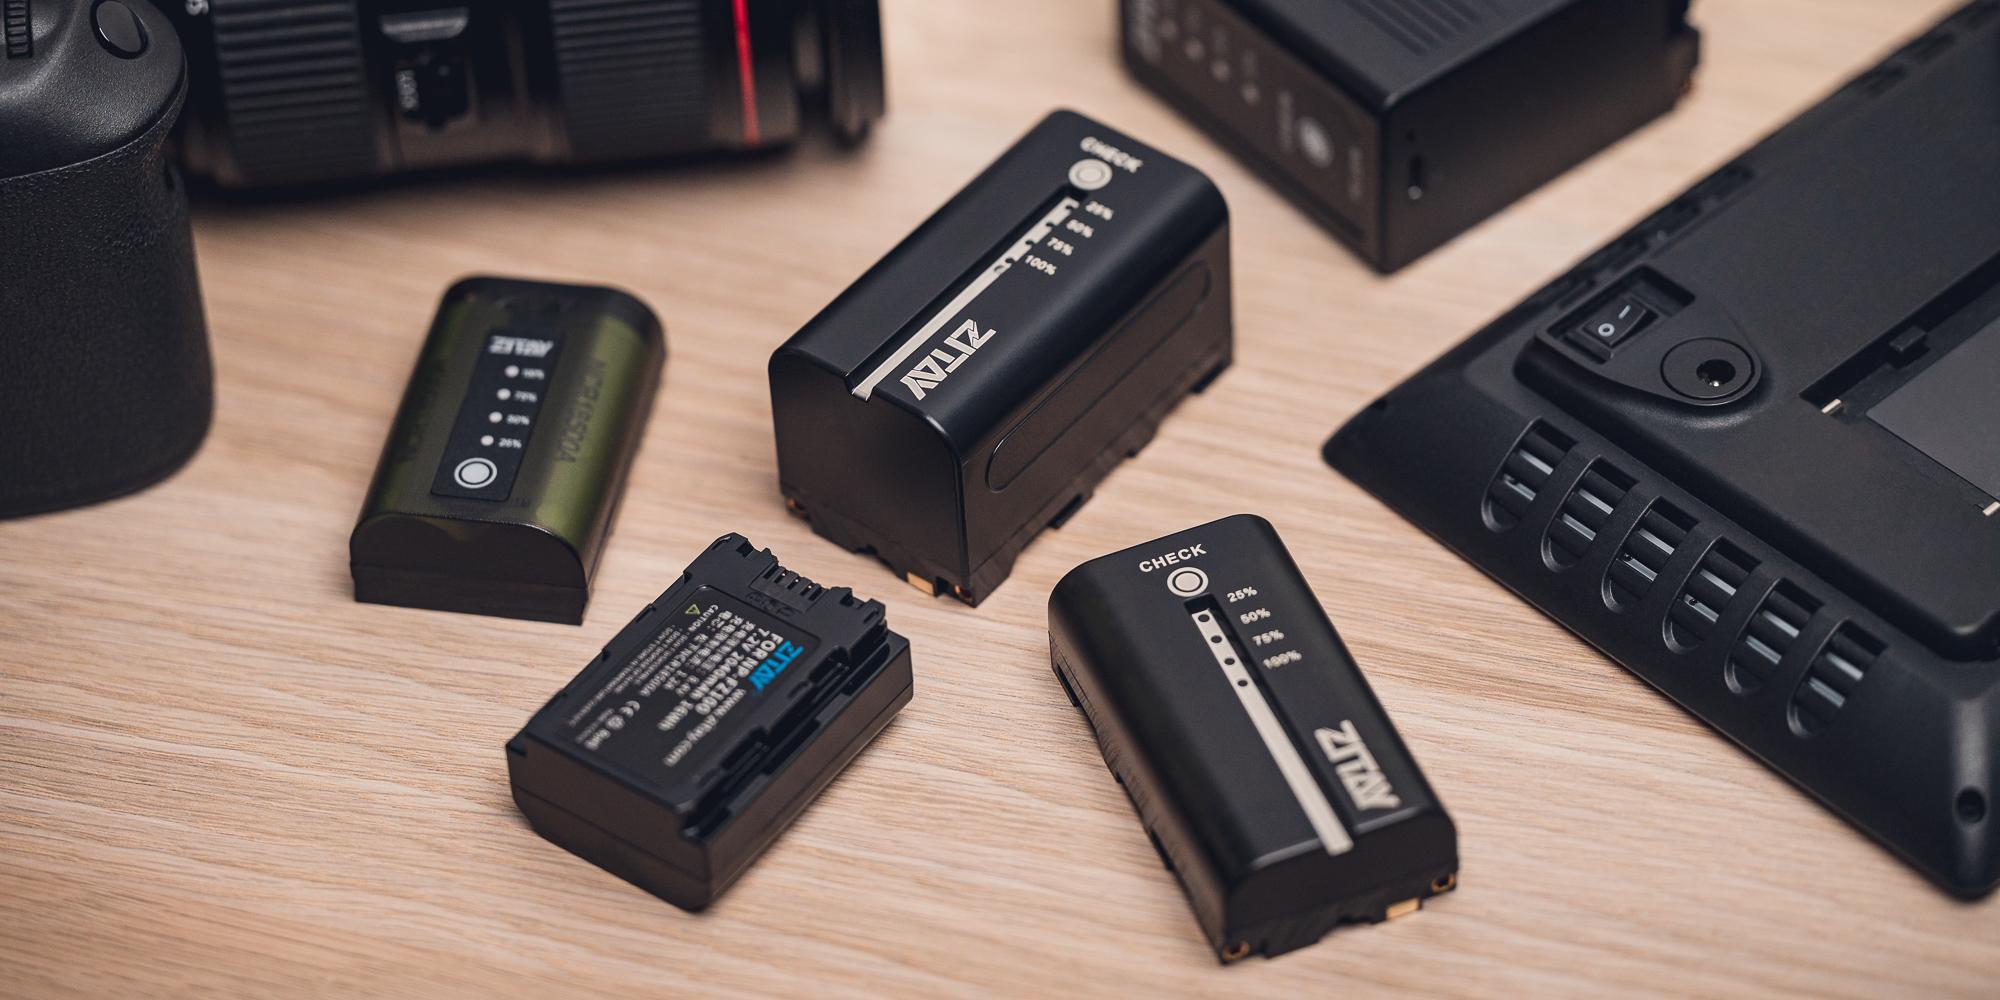 Akumulator Zitay zamiennik NP-F550 - Bezpieczeństwo i ochrona